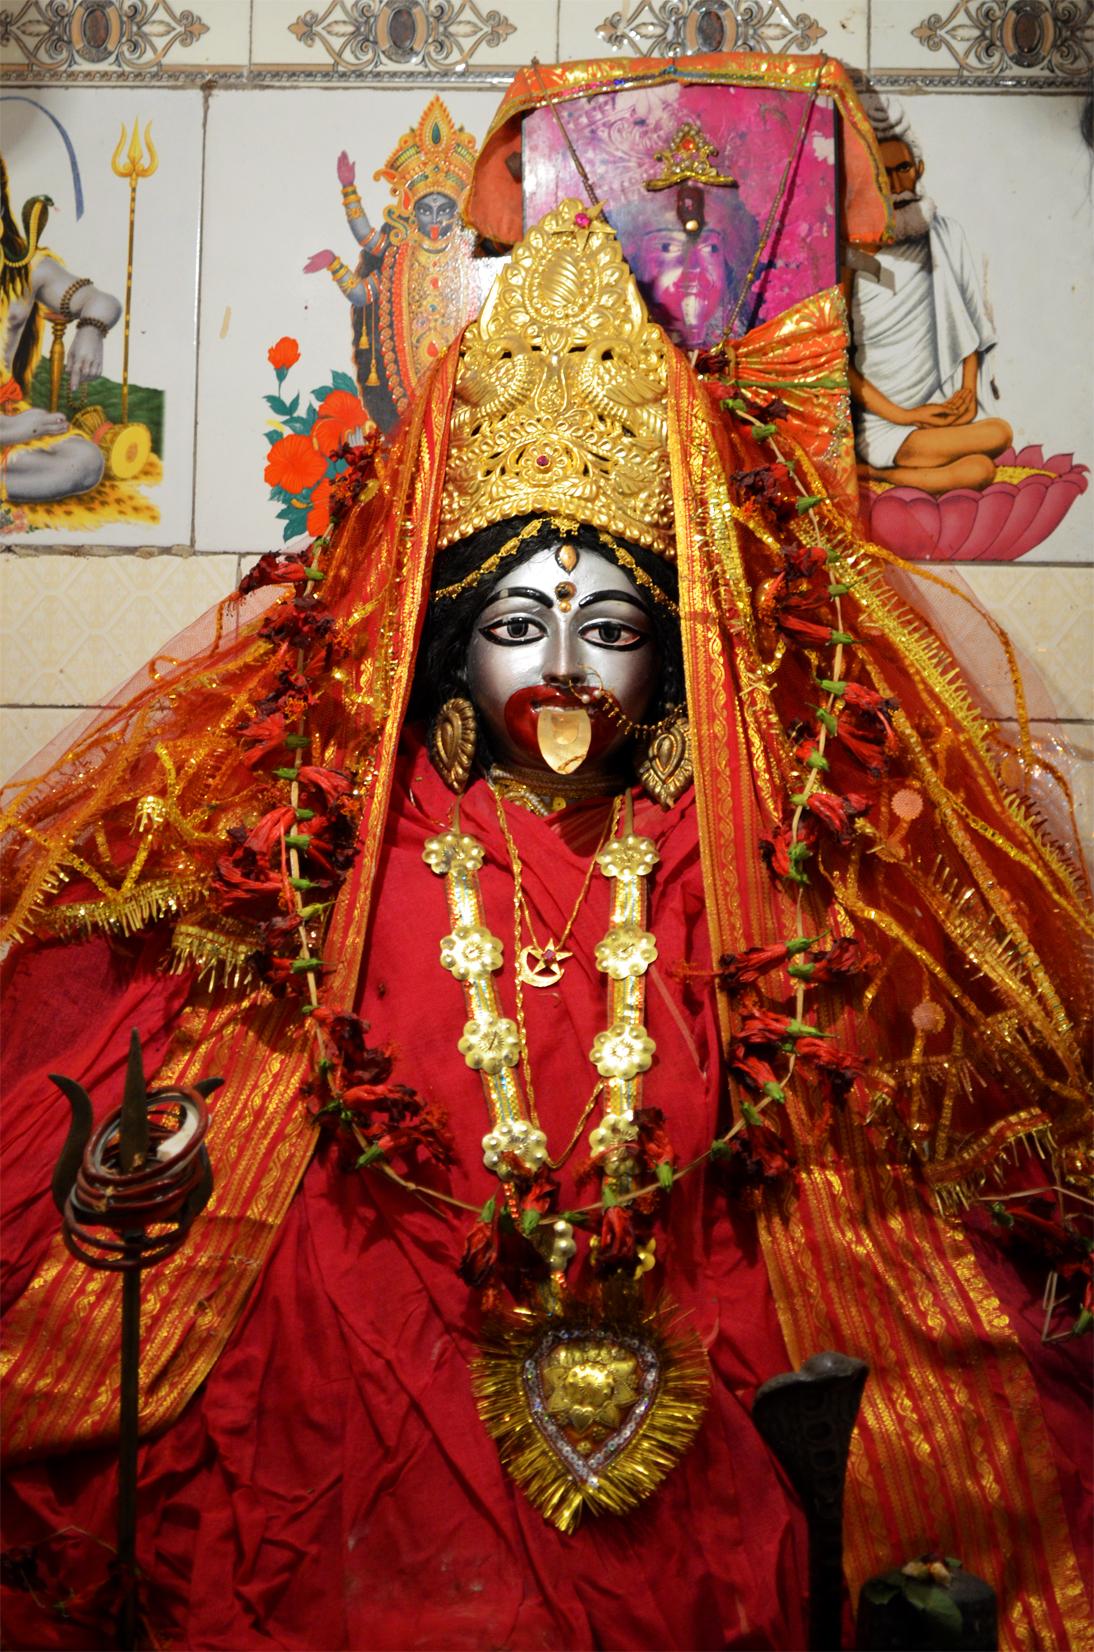 Tara at Kalighat